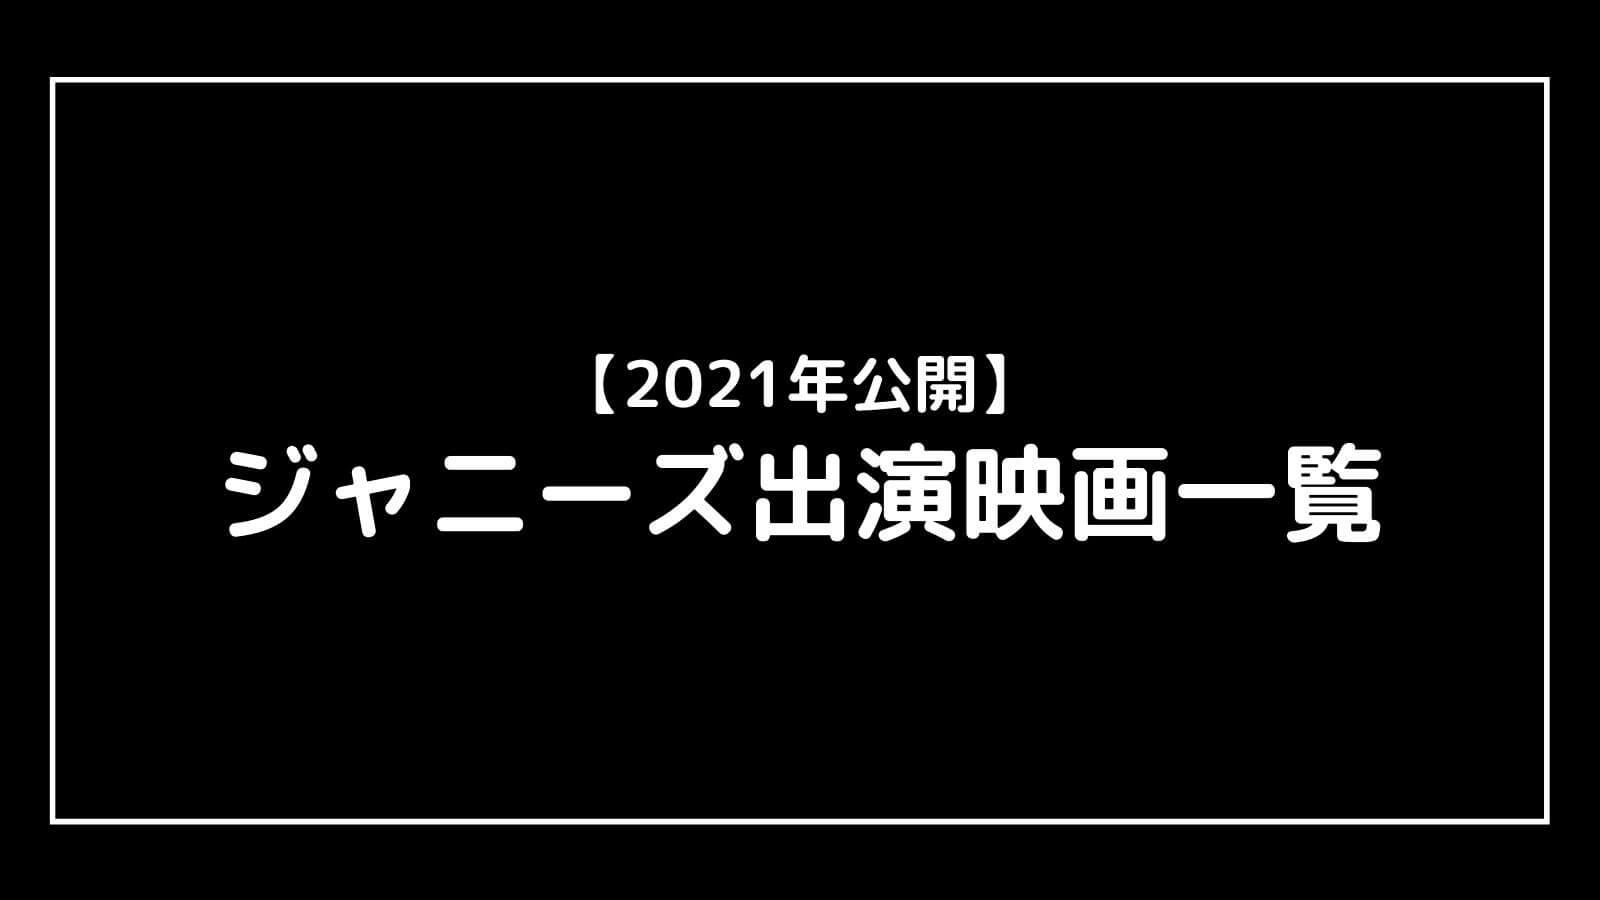 【2021年〜2022年公開】ジャニーズ出演の最新映画を一挙紹介!